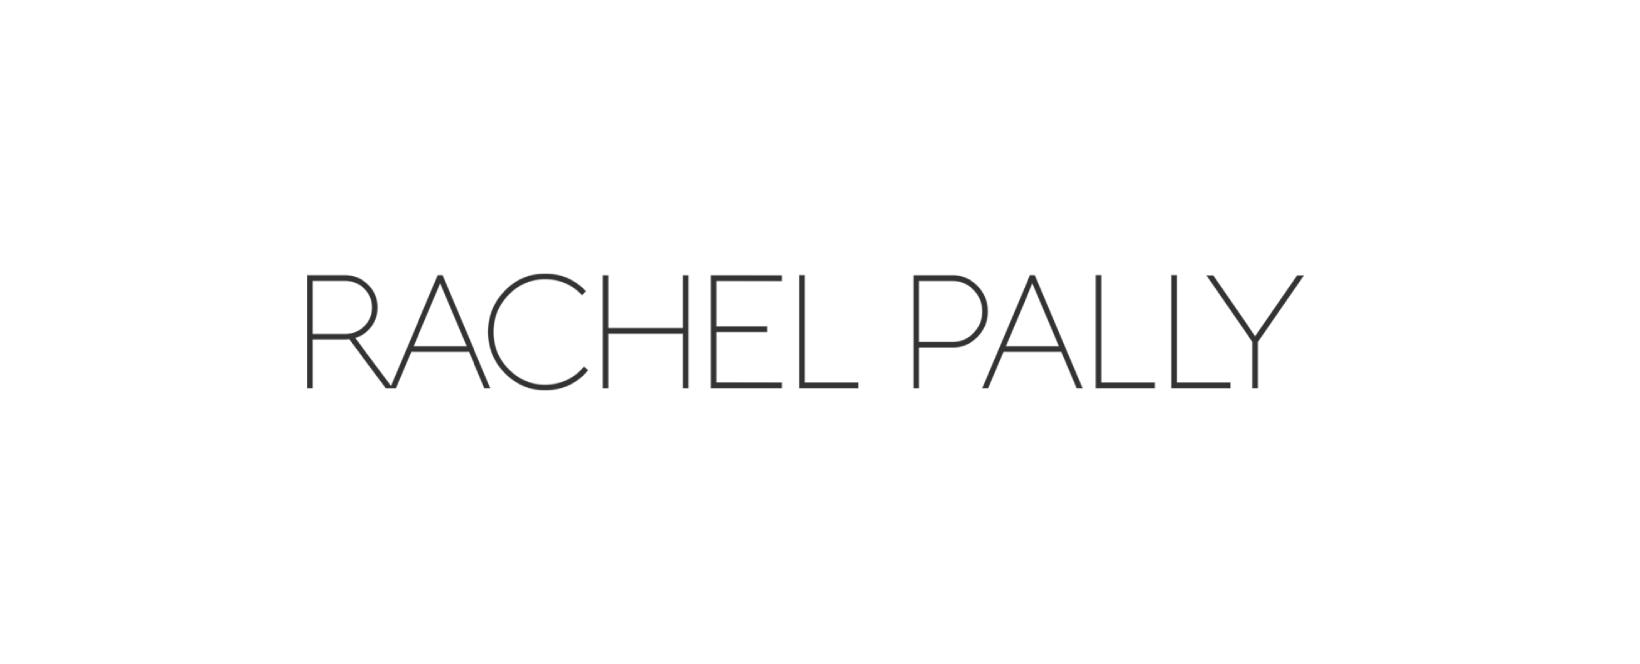 Rachel Pally Discount Code 2021